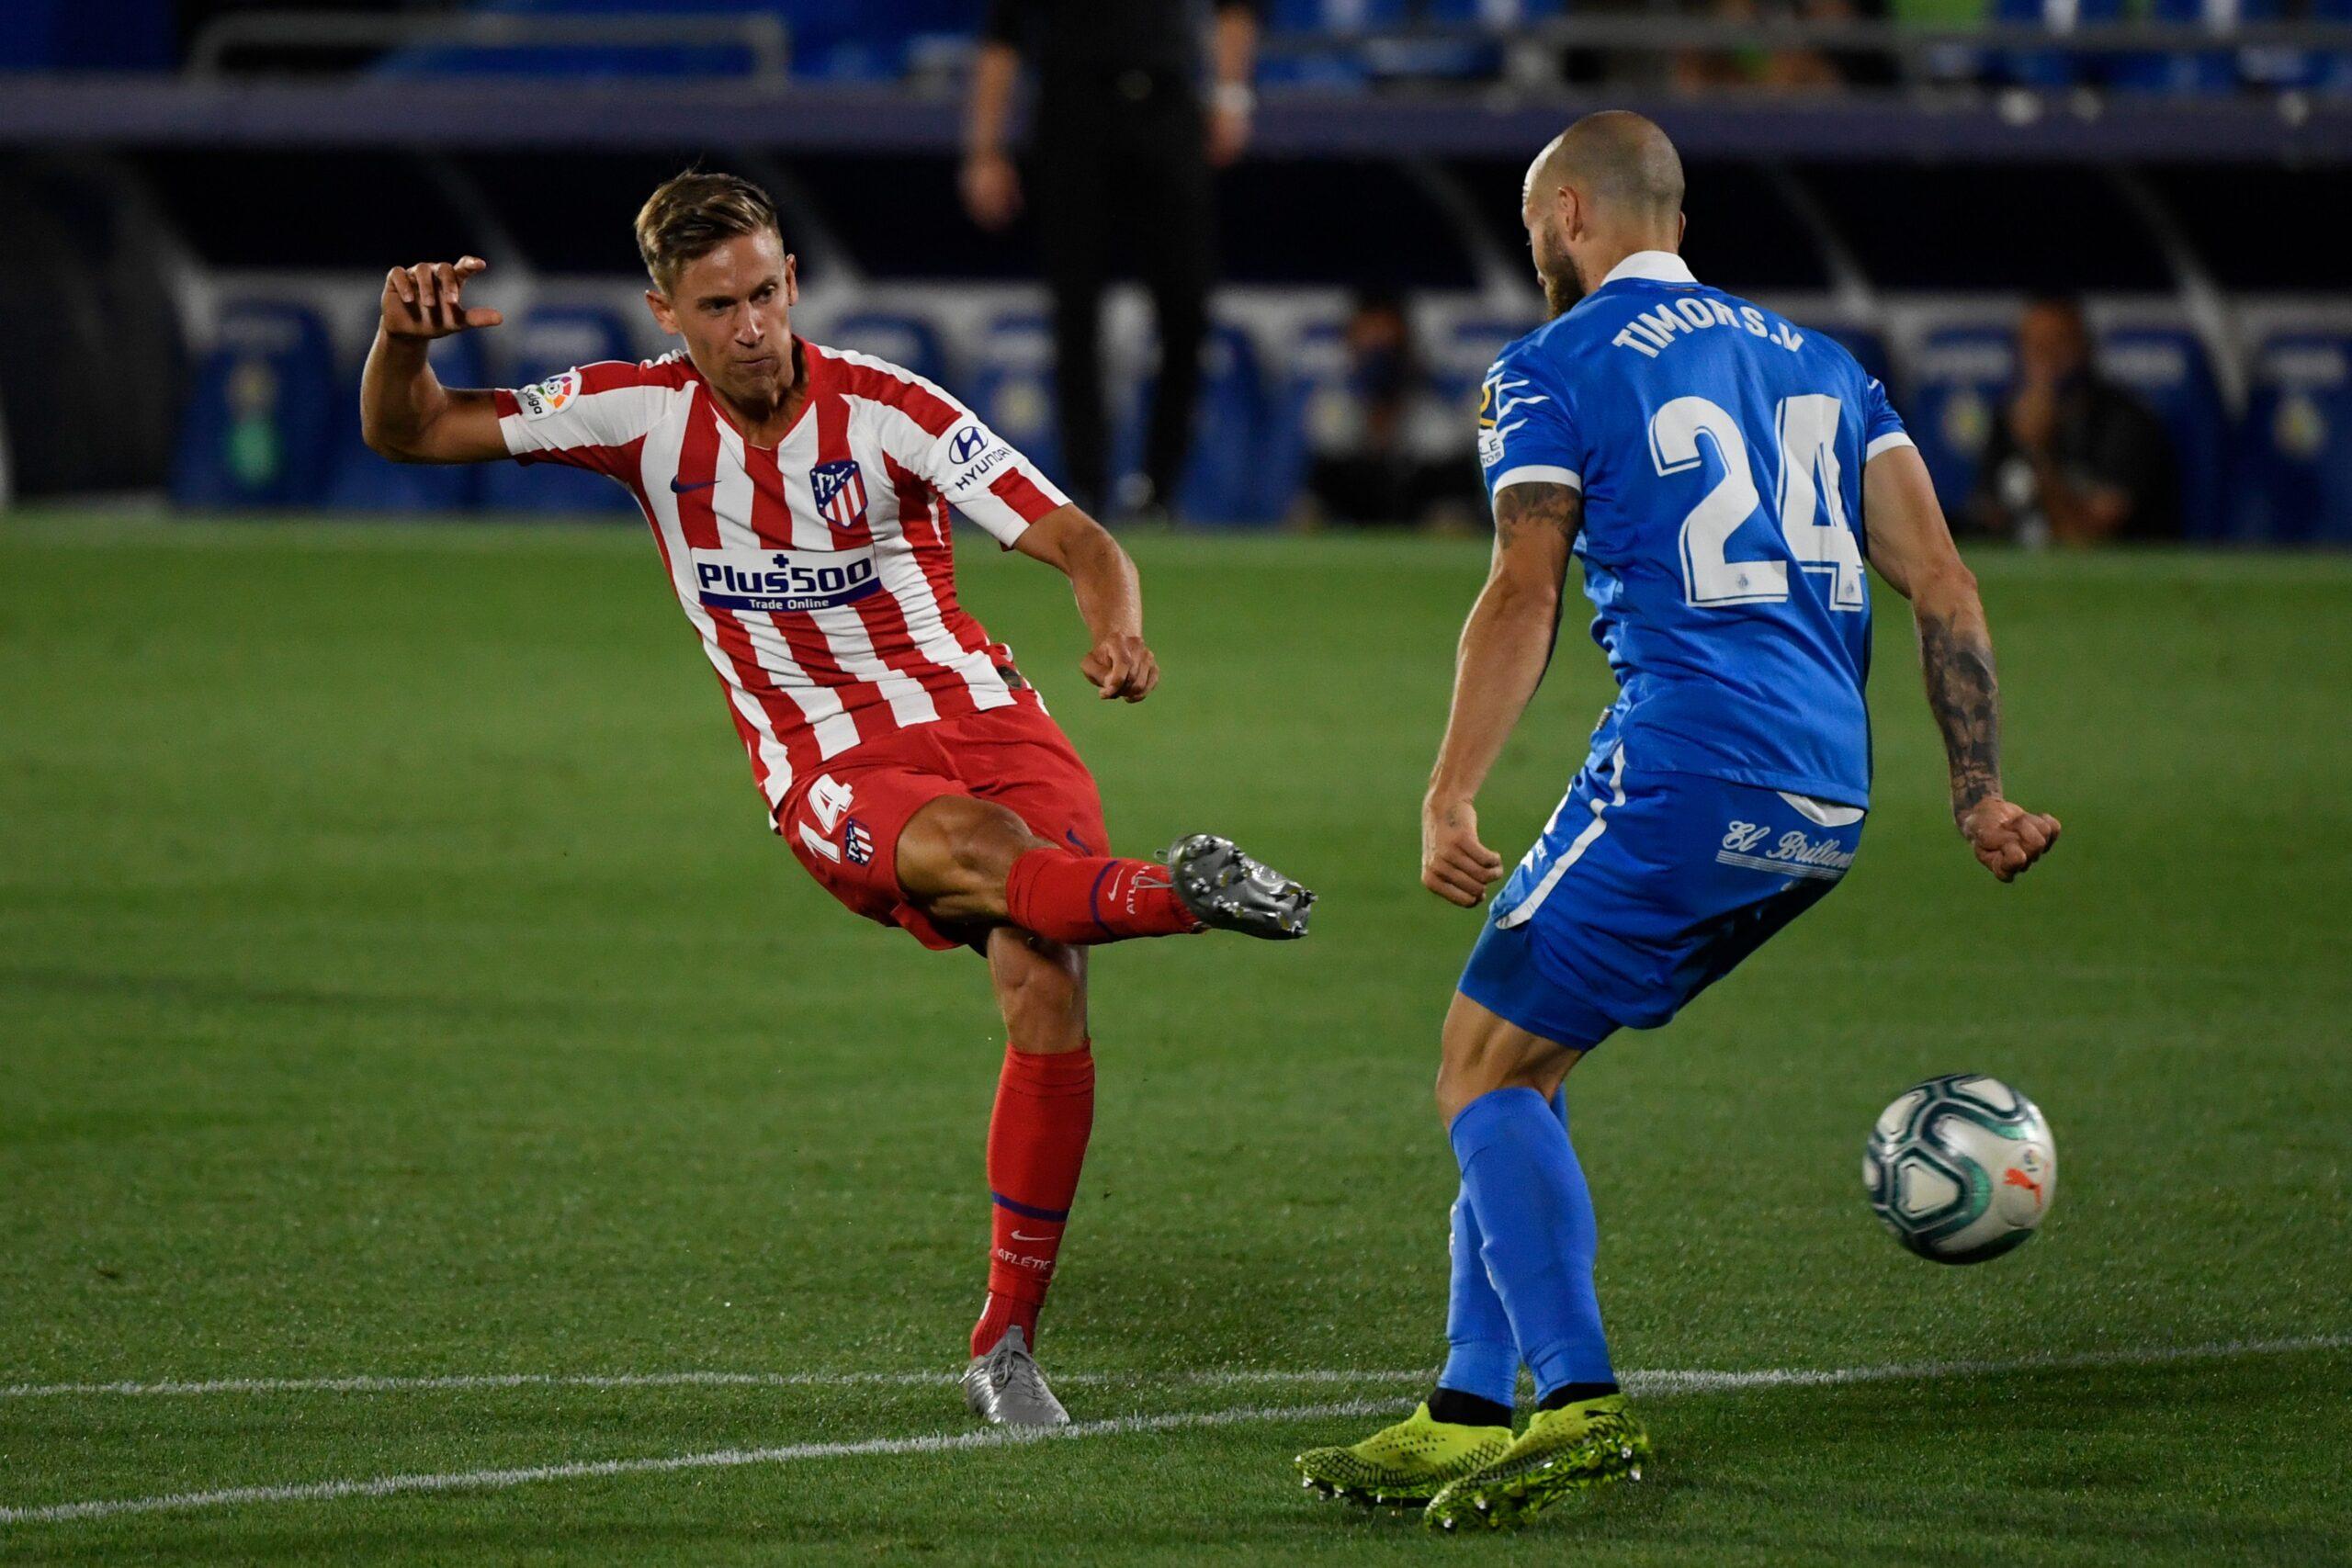 Resumen Getafe - Atlético de Madrid: vídeo de los goles 1